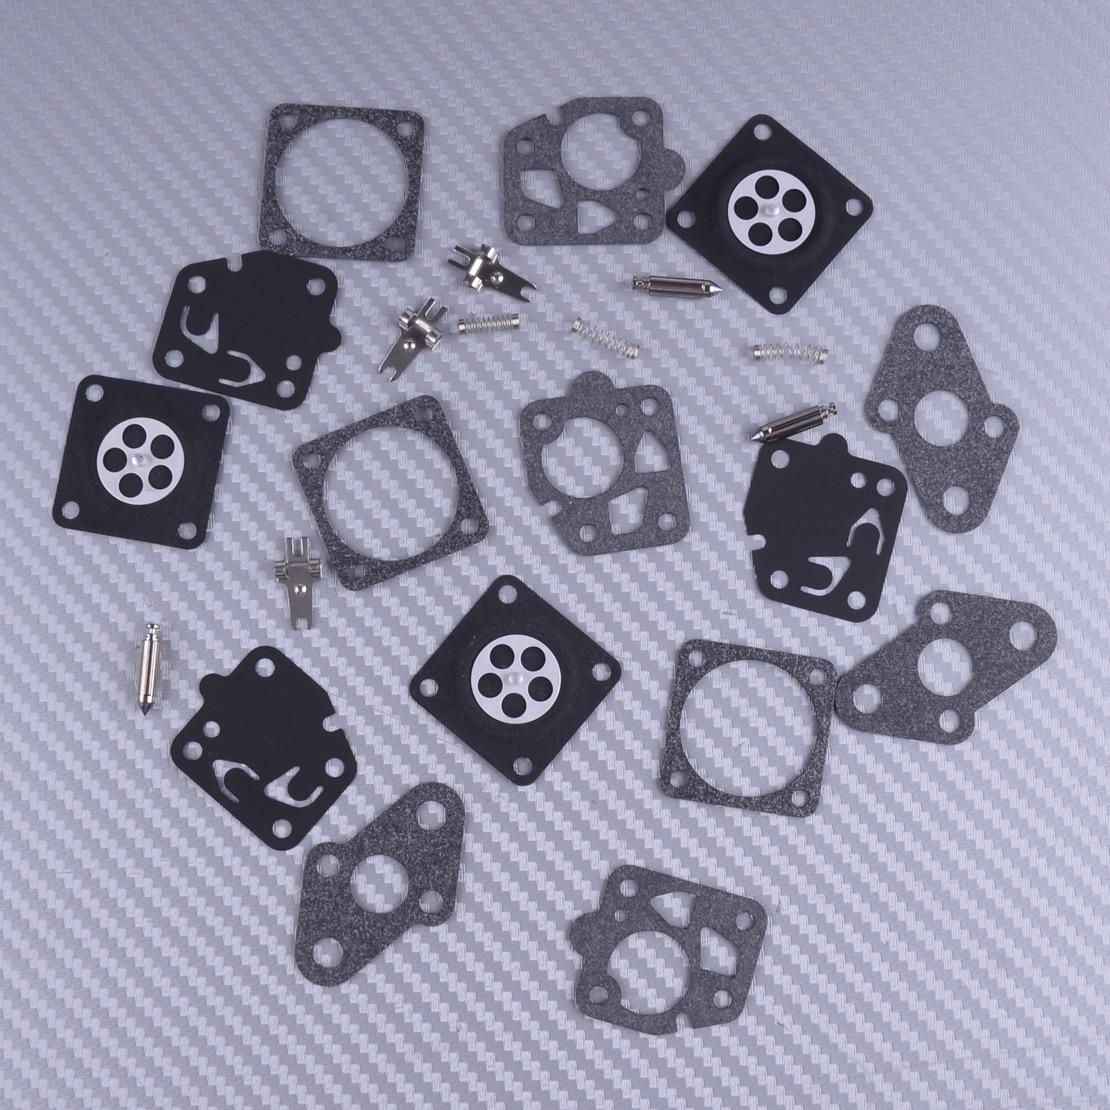 LETAOSK 3 Kit Of Carburetor Repair Parts Fit For Kawasaki TG20 TG24 TG25 TG33 TD24 TD25 TD33 TD40 TD48 Engine Part